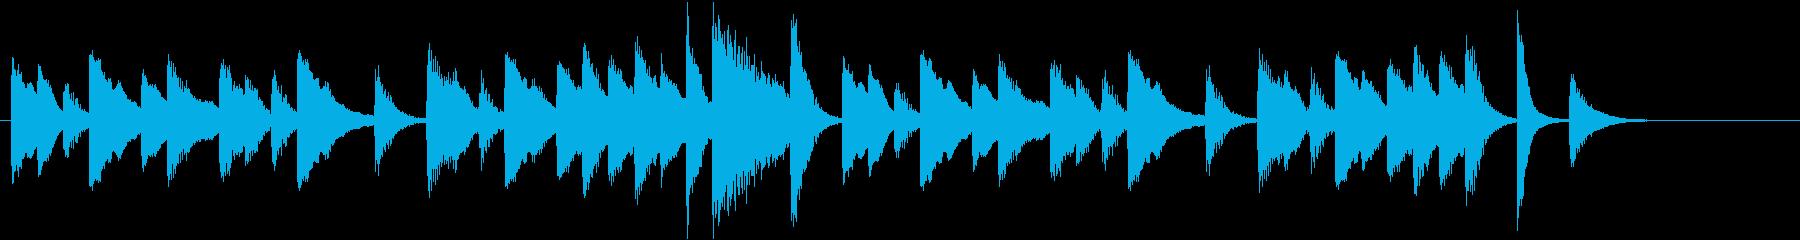 クッキング動画に♪ぽかぽかピアノジングルの再生済みの波形